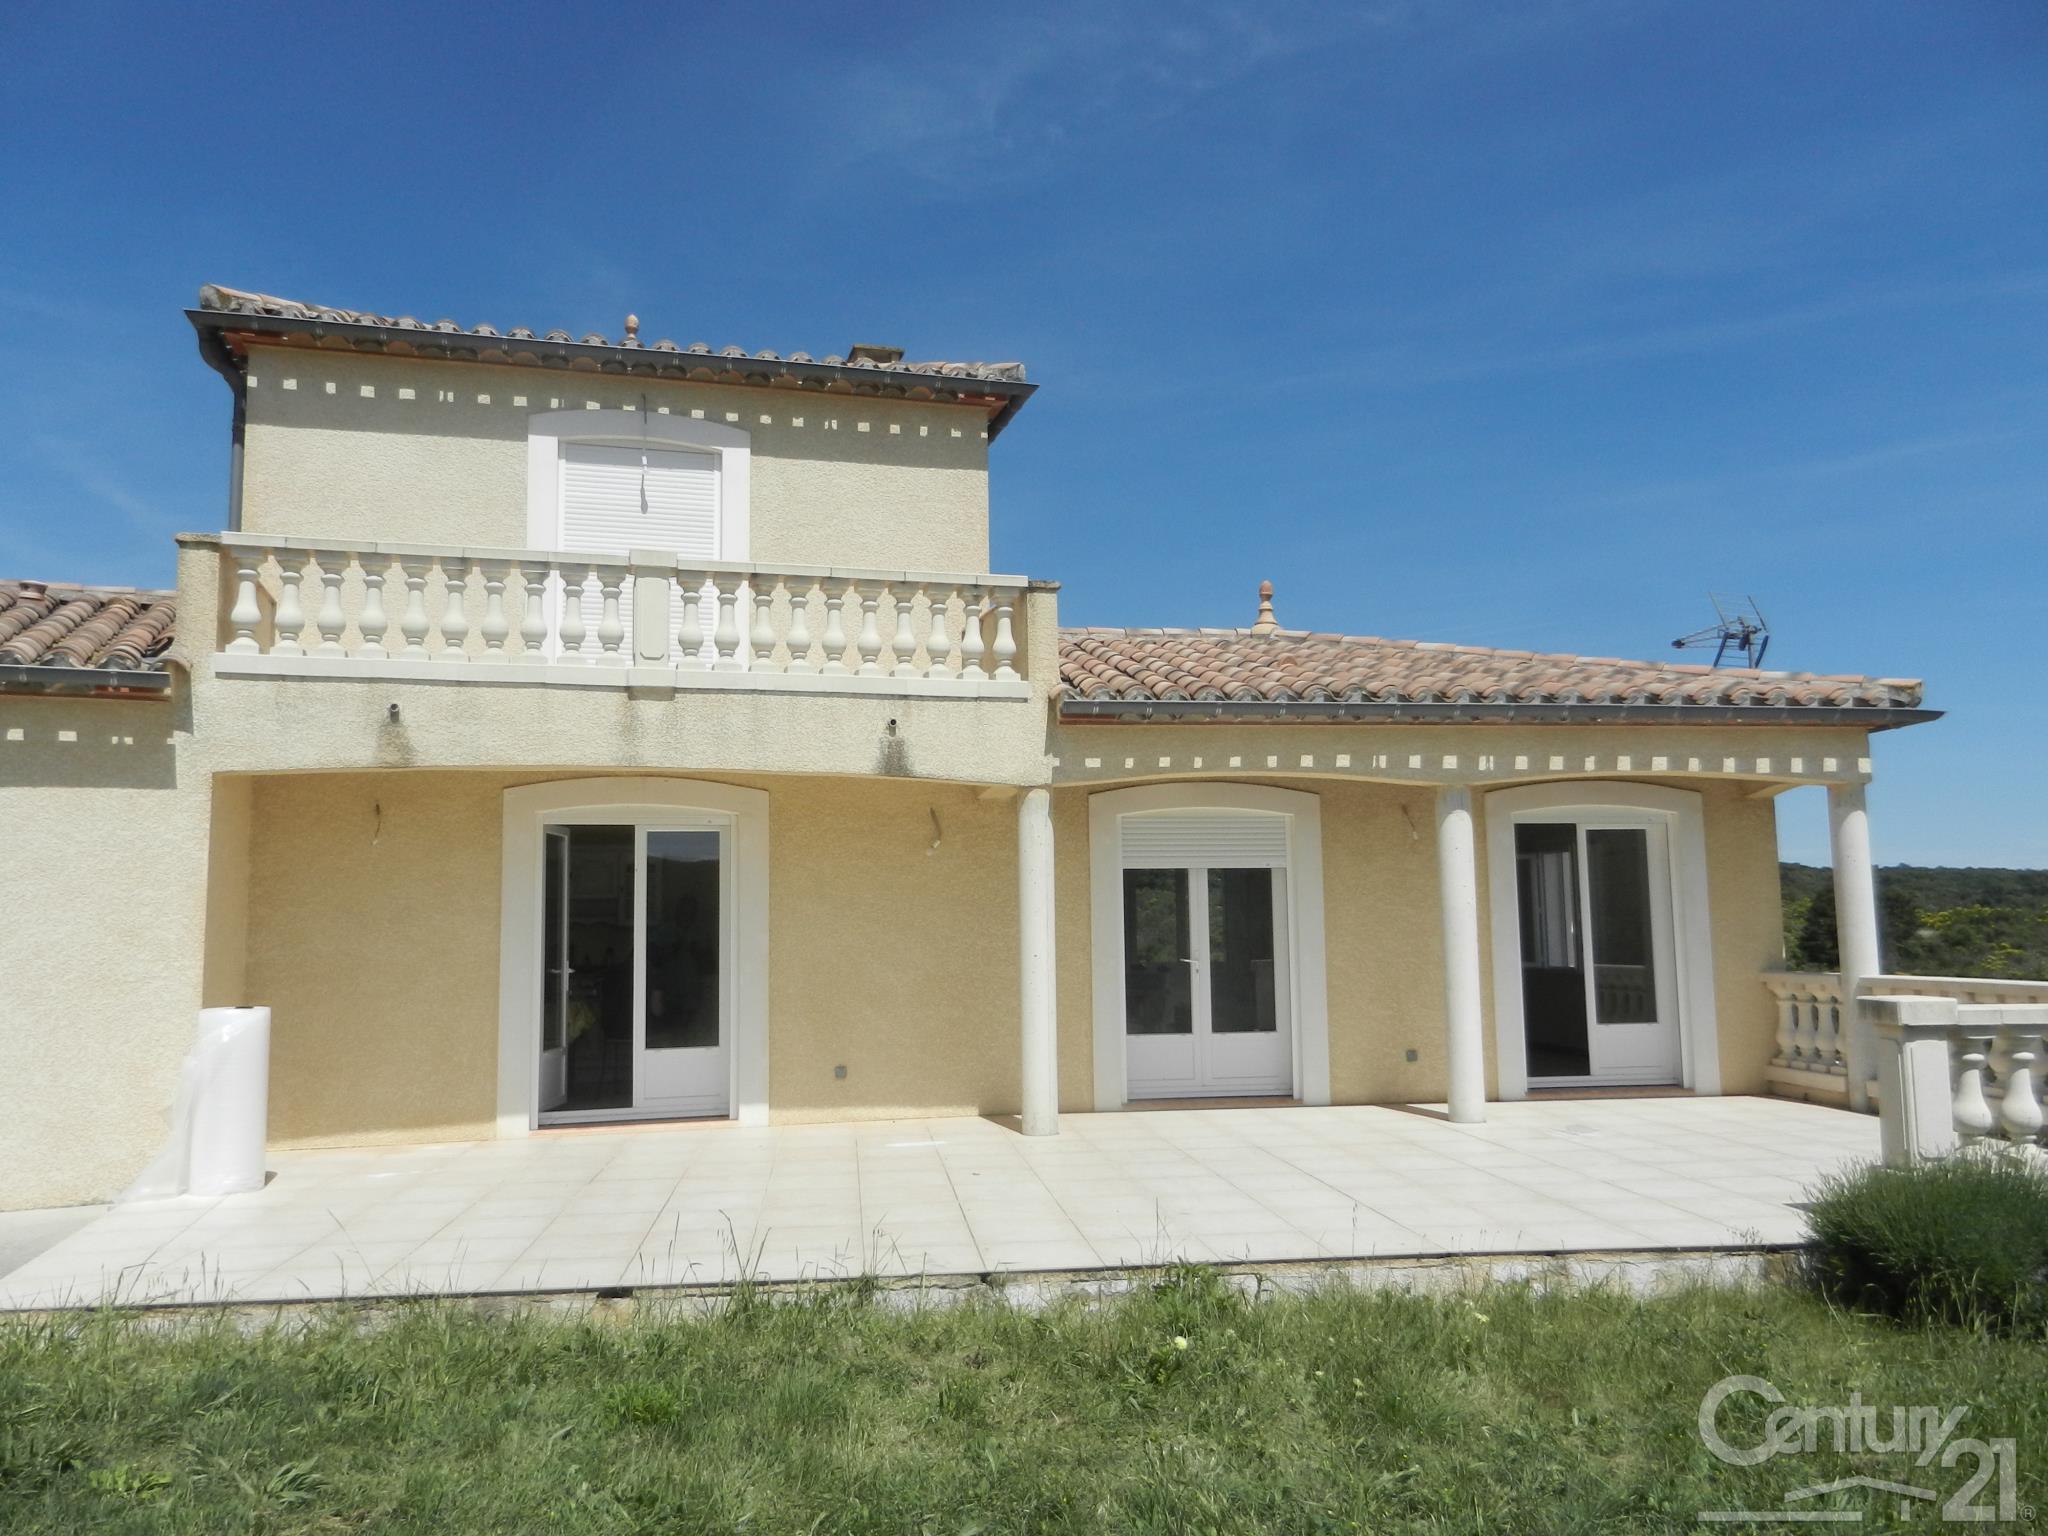 Annonce location maison montclar 11250 194 m 980 for Annonce location